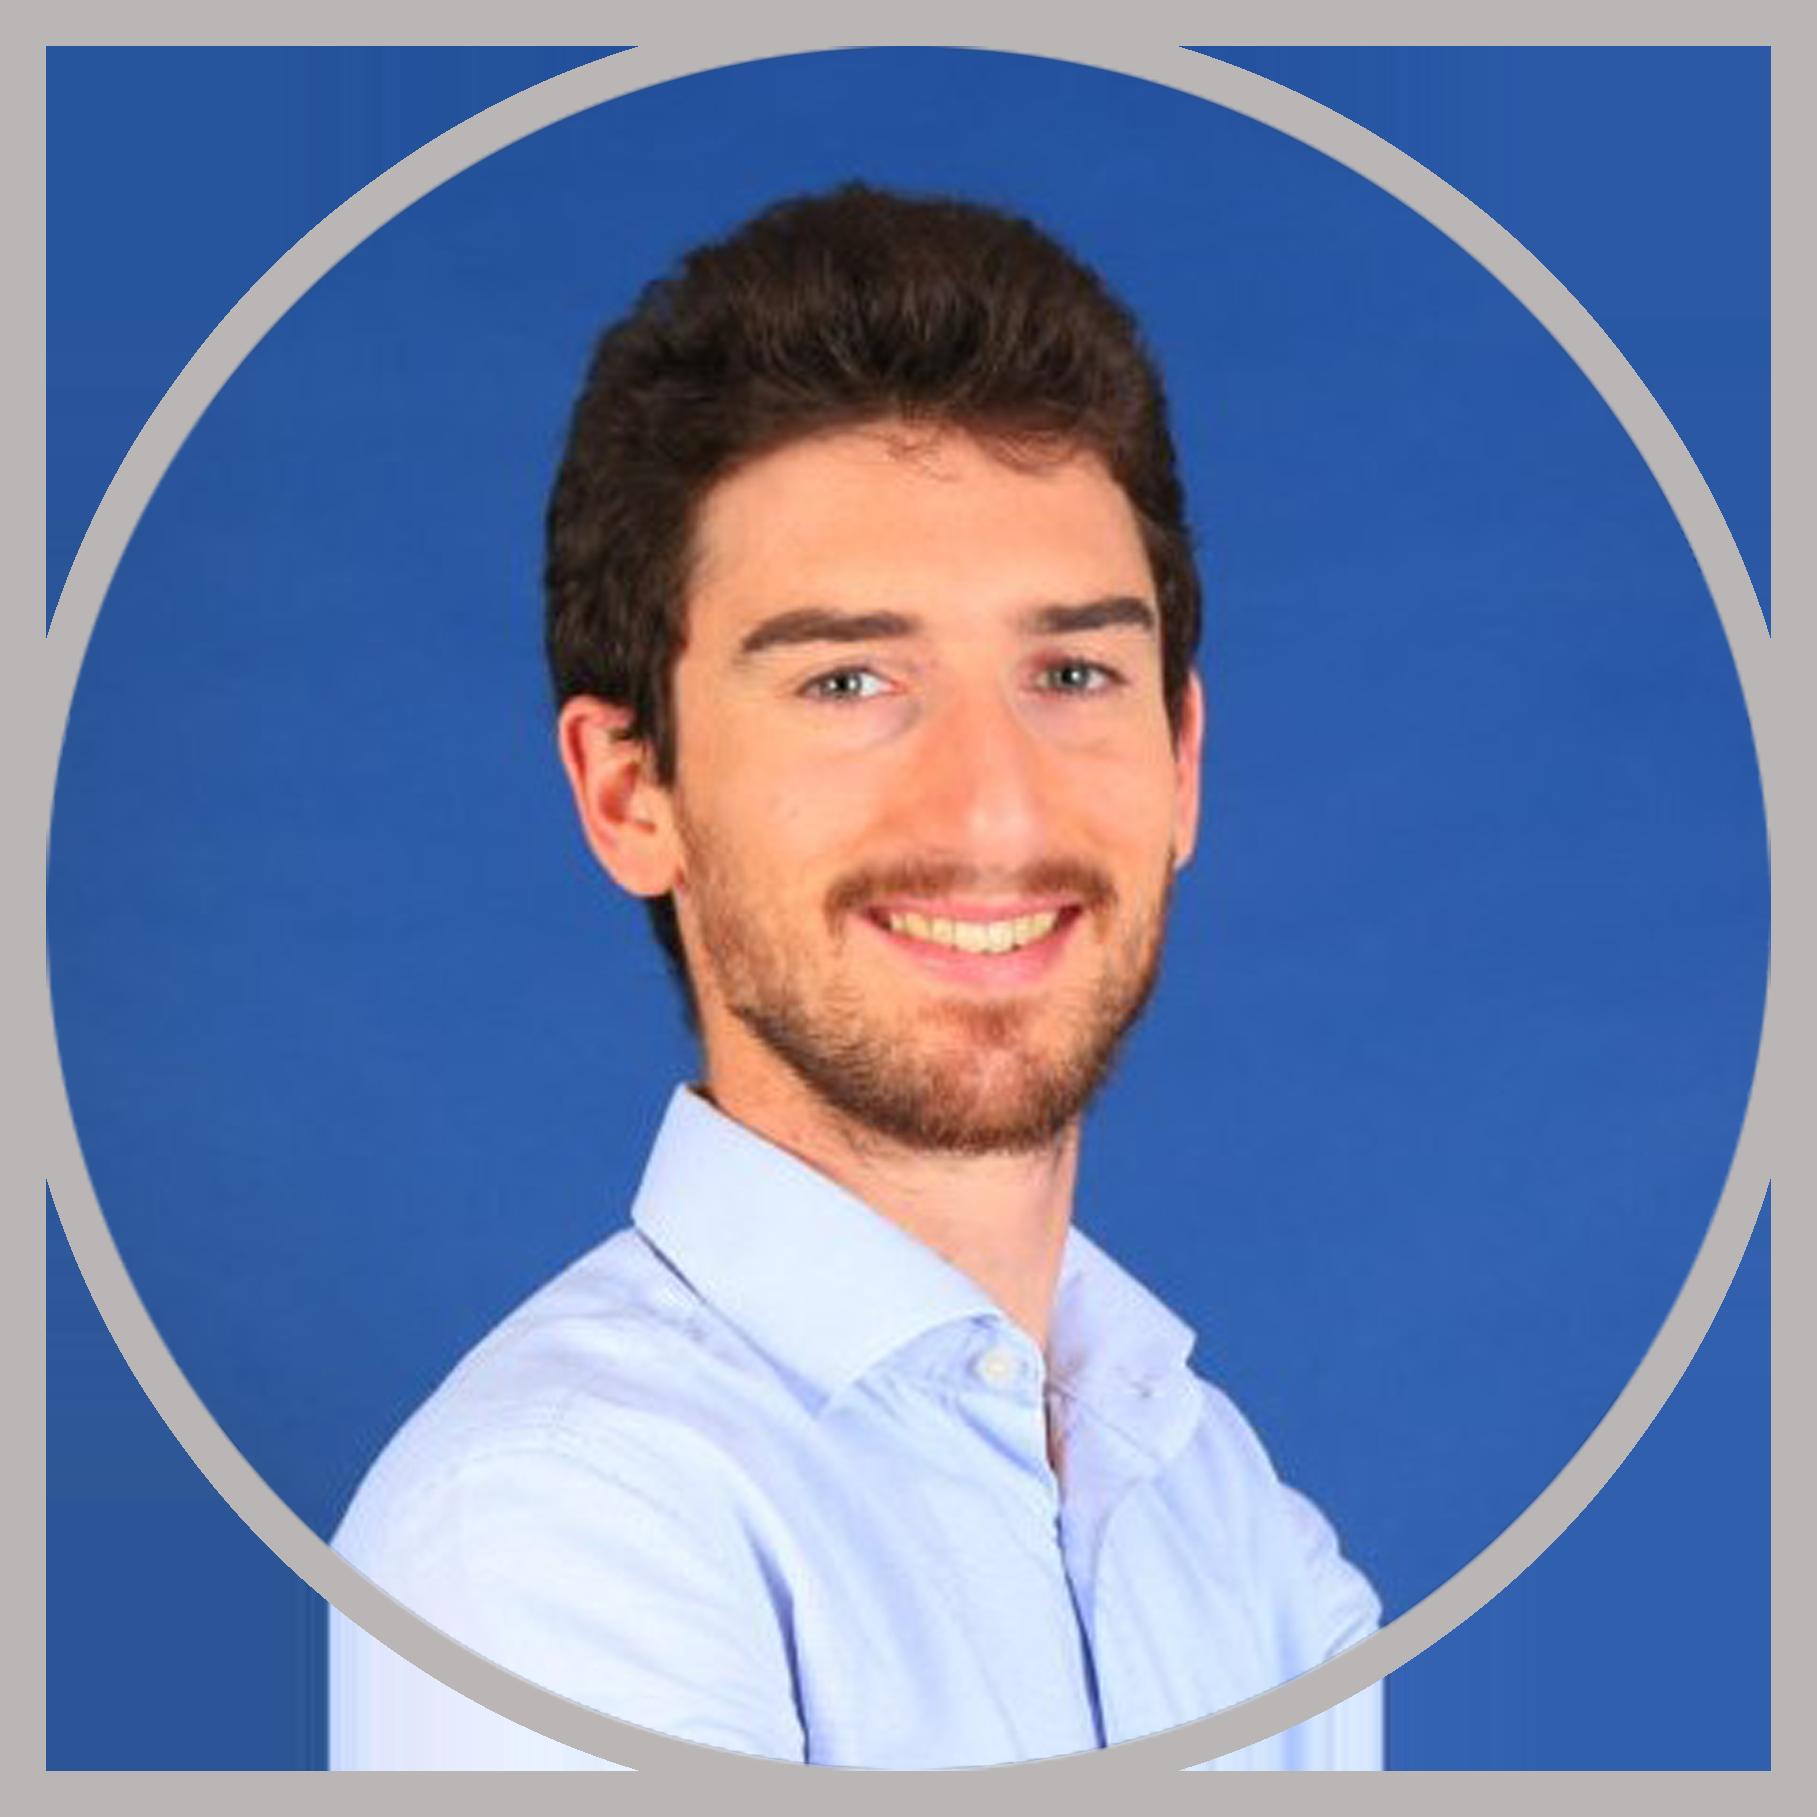 Benoit-Groouchko-Meet-the-Team-Headshot